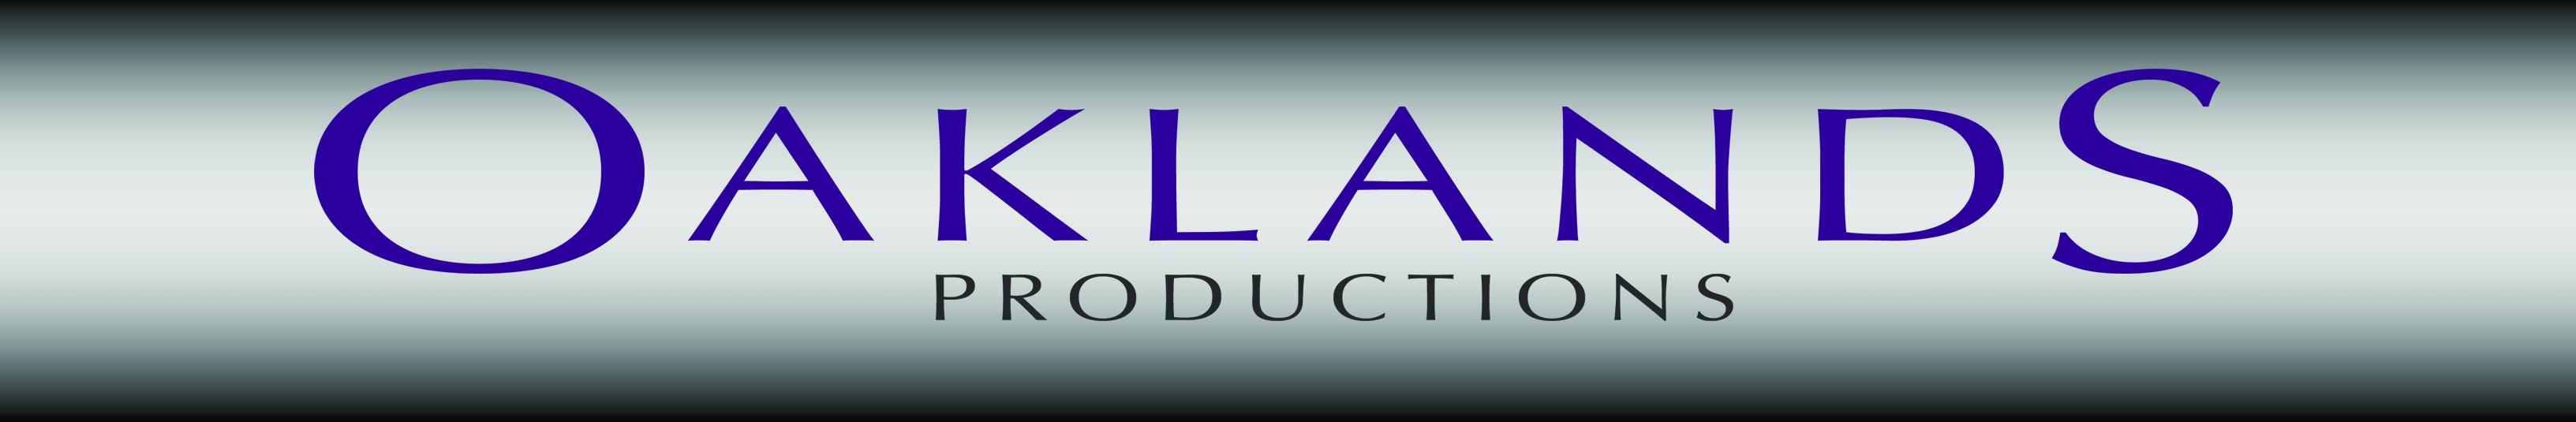 Oaklands Productions www.oaklandspro.com